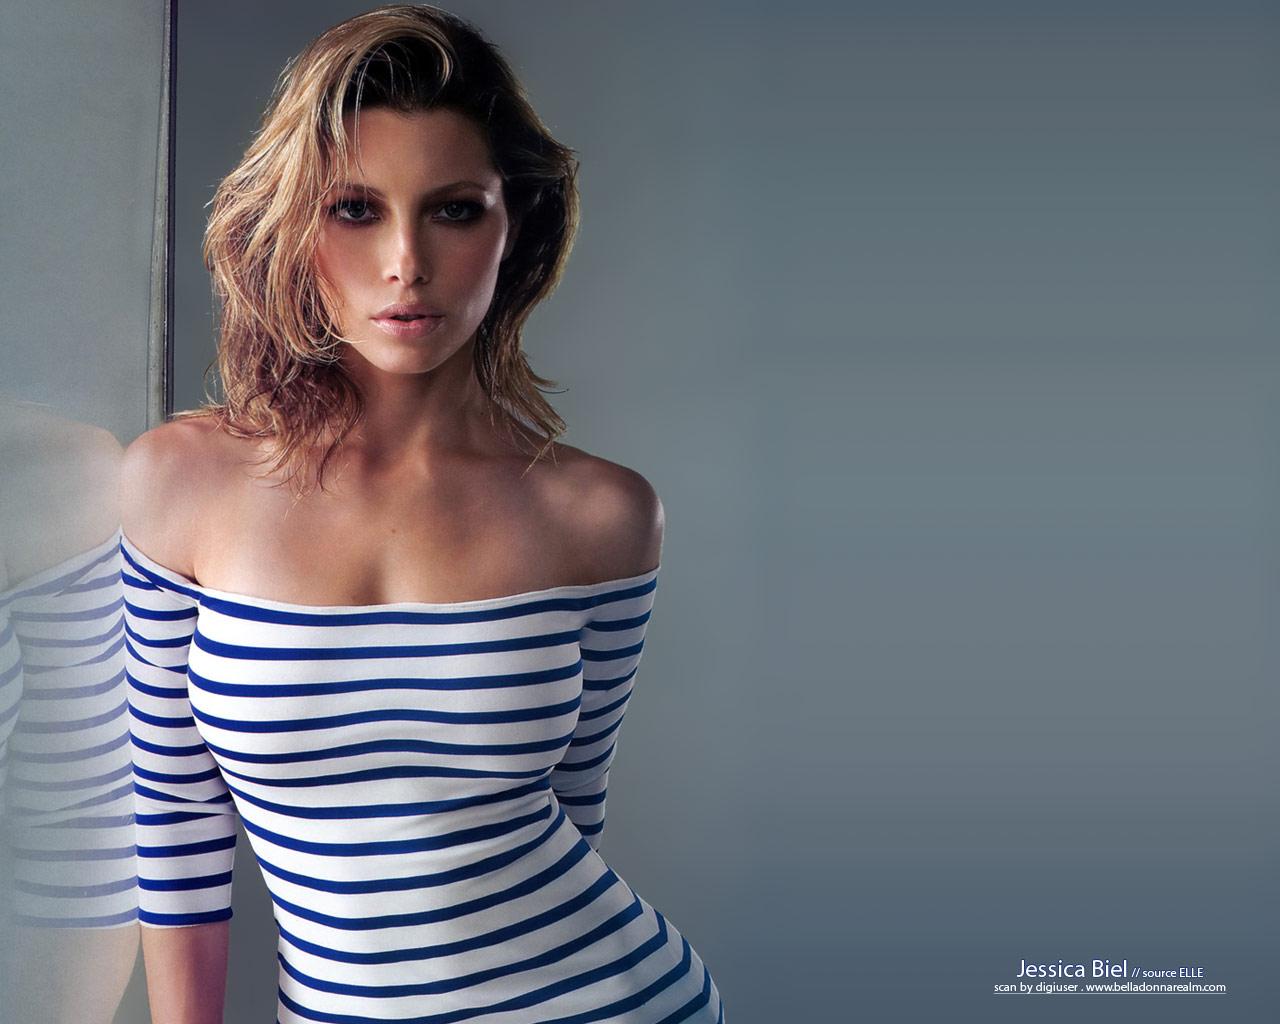 http://4.bp.blogspot.com/_VIQ3rOhI0IY/TUvvmbexpzI/AAAAAAAAE5I/FTsHQzIx6uk/s1600/Jessica-Biel-11.jpg